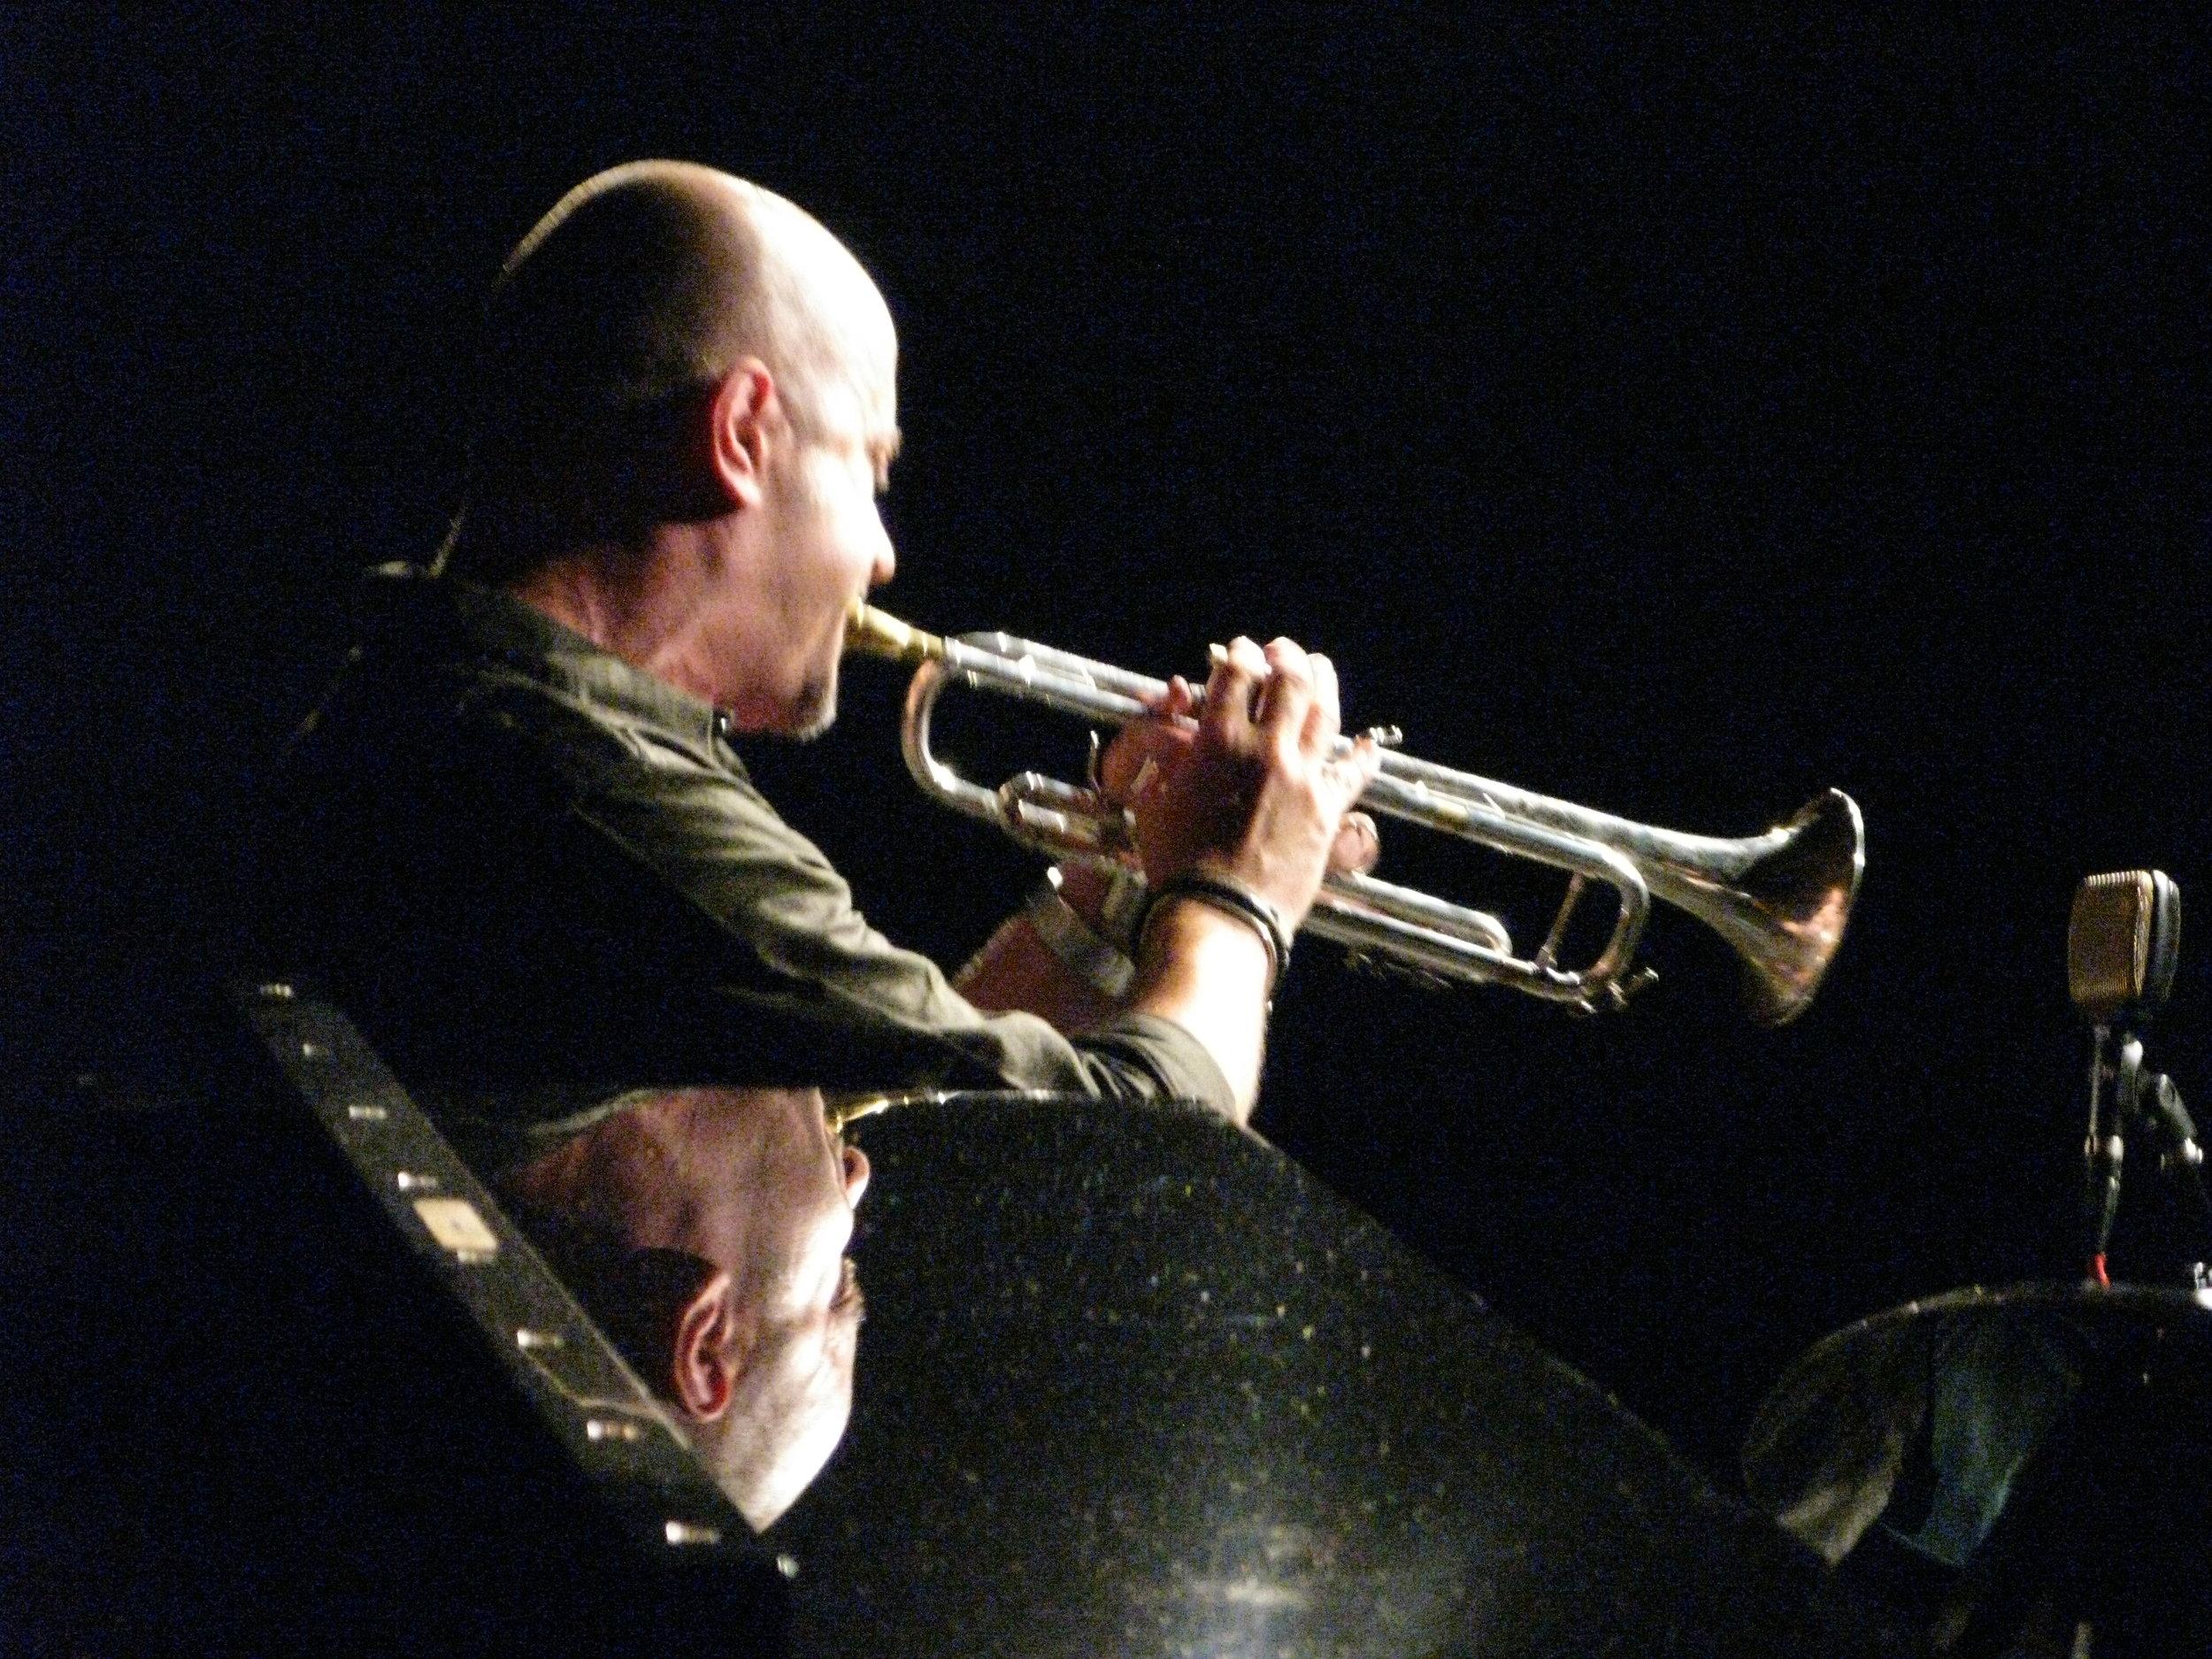 Copie de Flavio Boltro - 2008